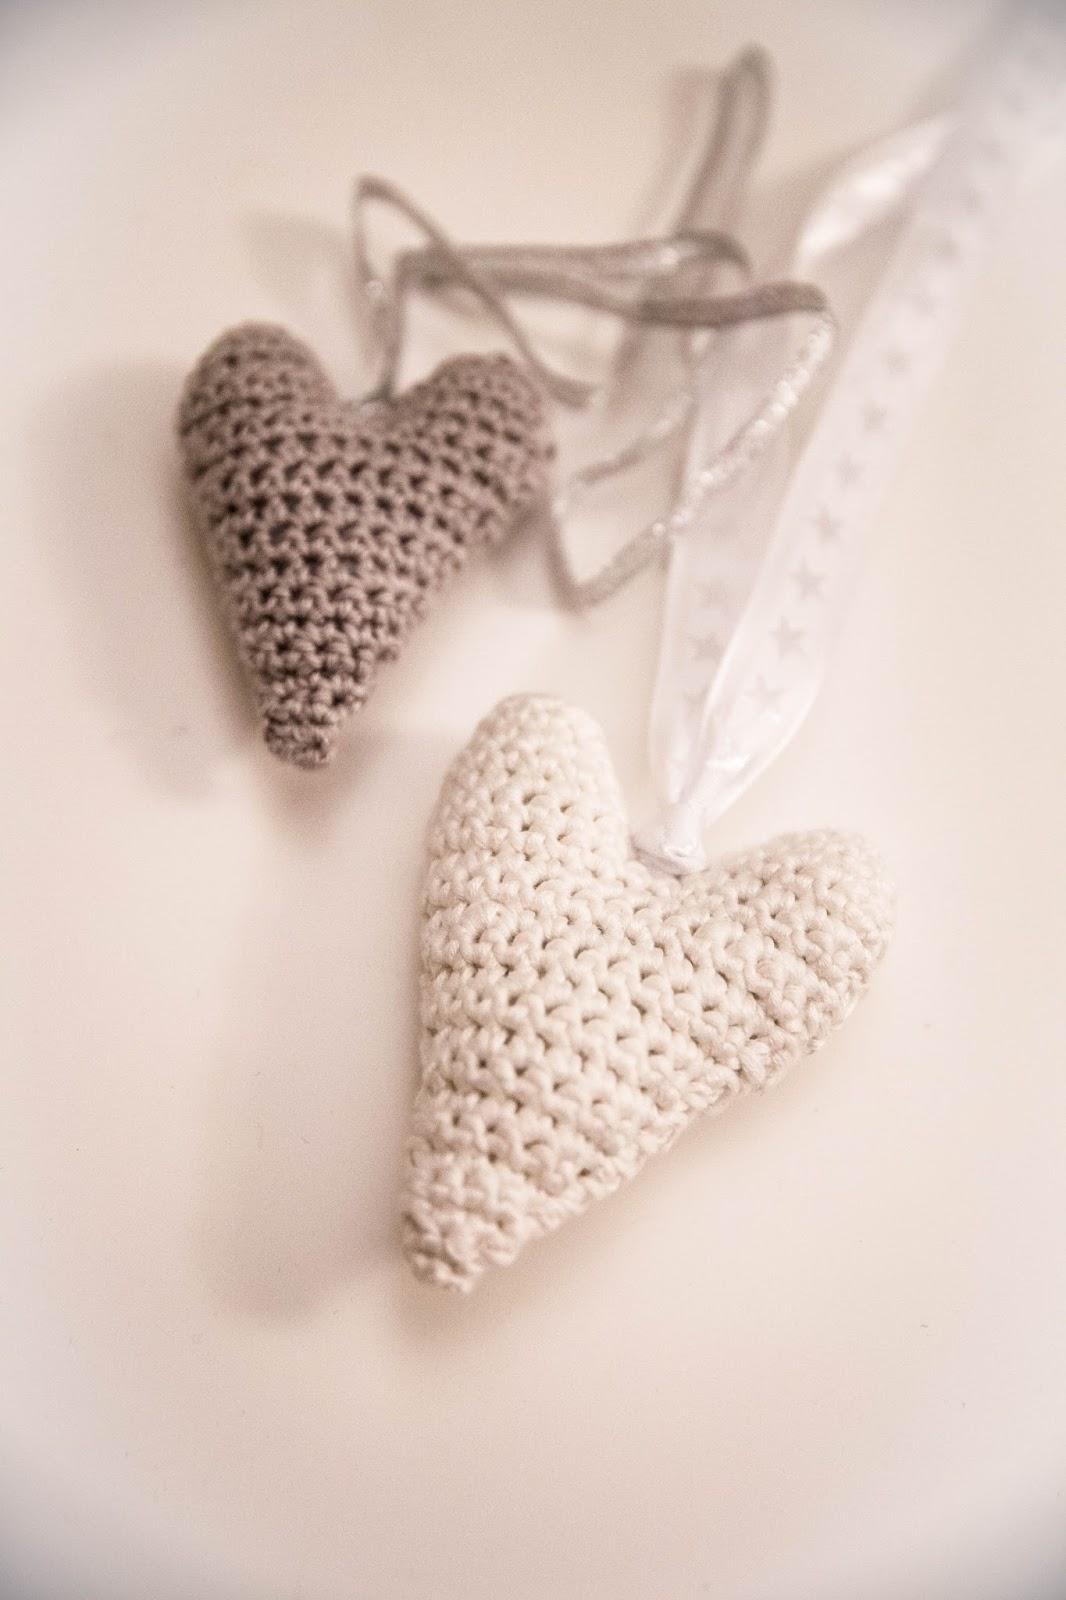 käsityöblogien joulukalenteri virkattu sydän